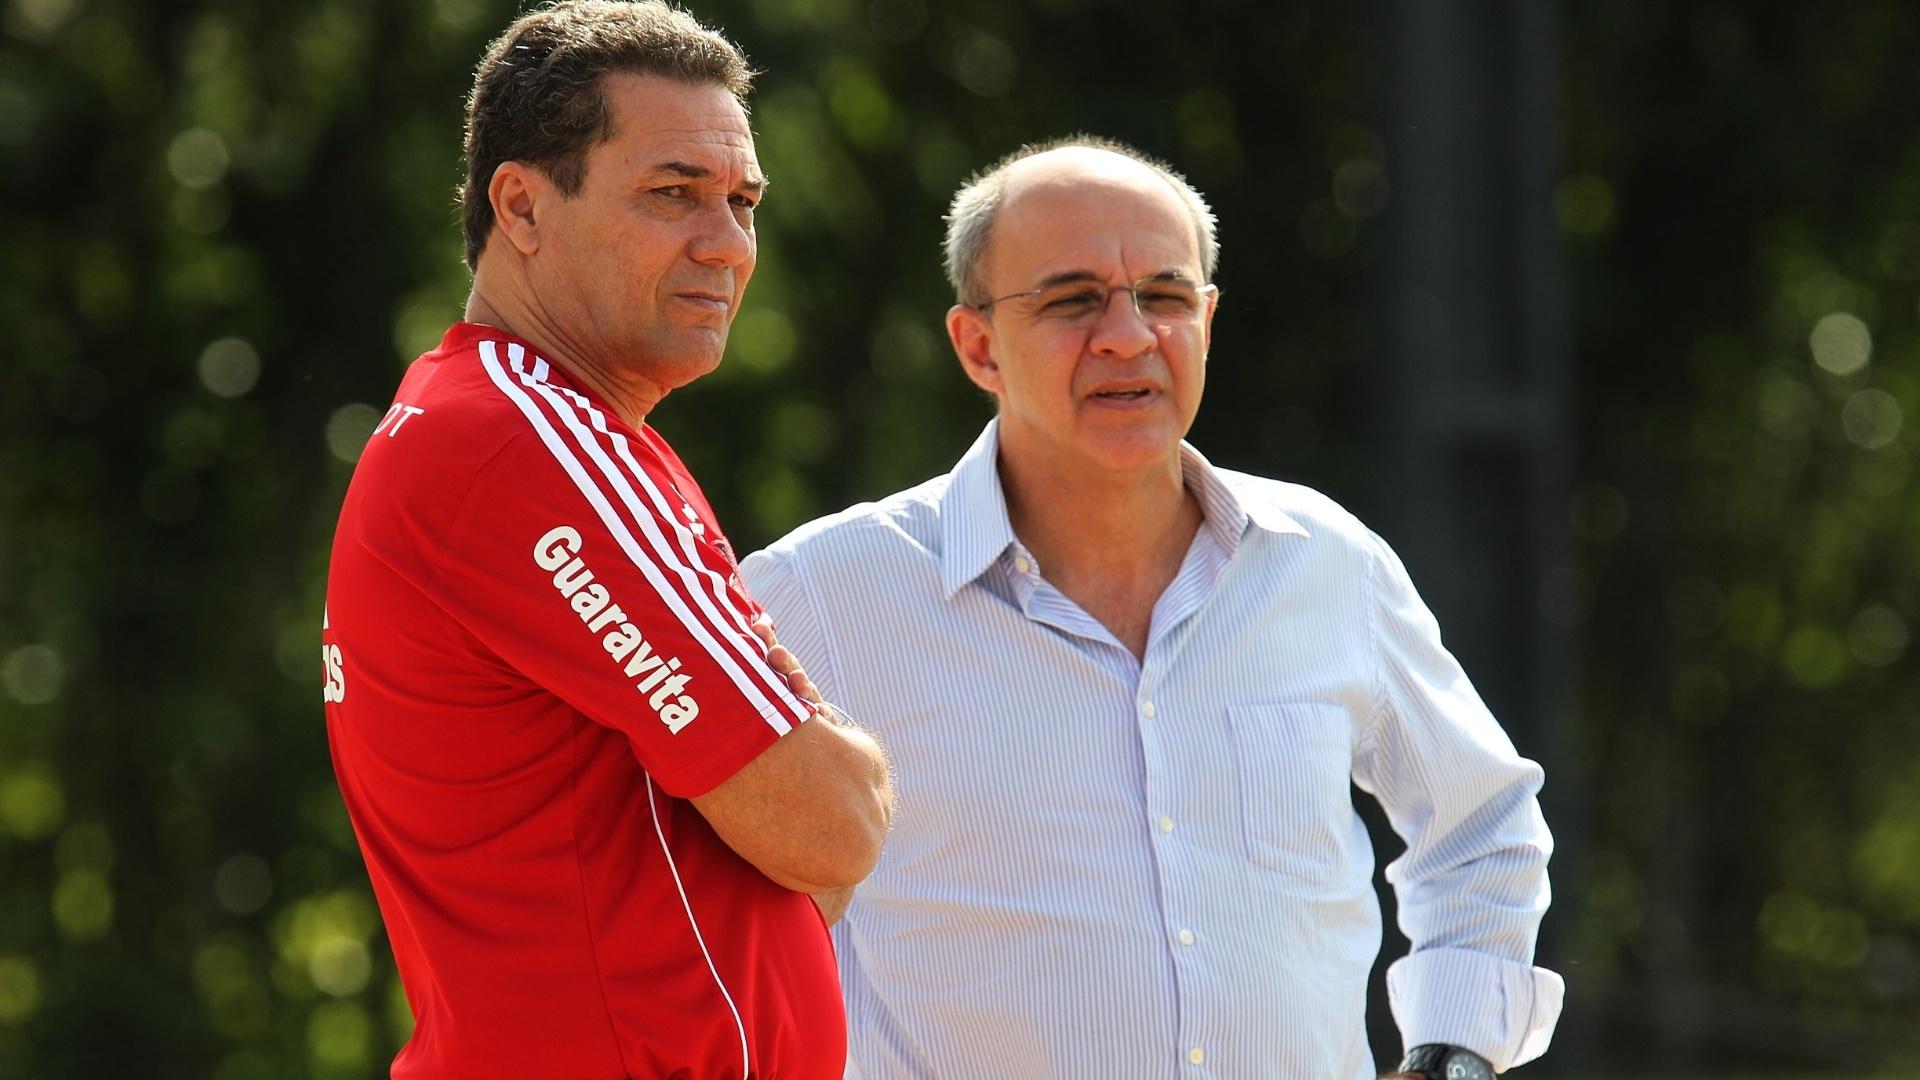 24 jul. 2014 - Luxemburgo conversa com presidente do Flamengo, Eduardo Bandeira de Mello, durante treino da equipe